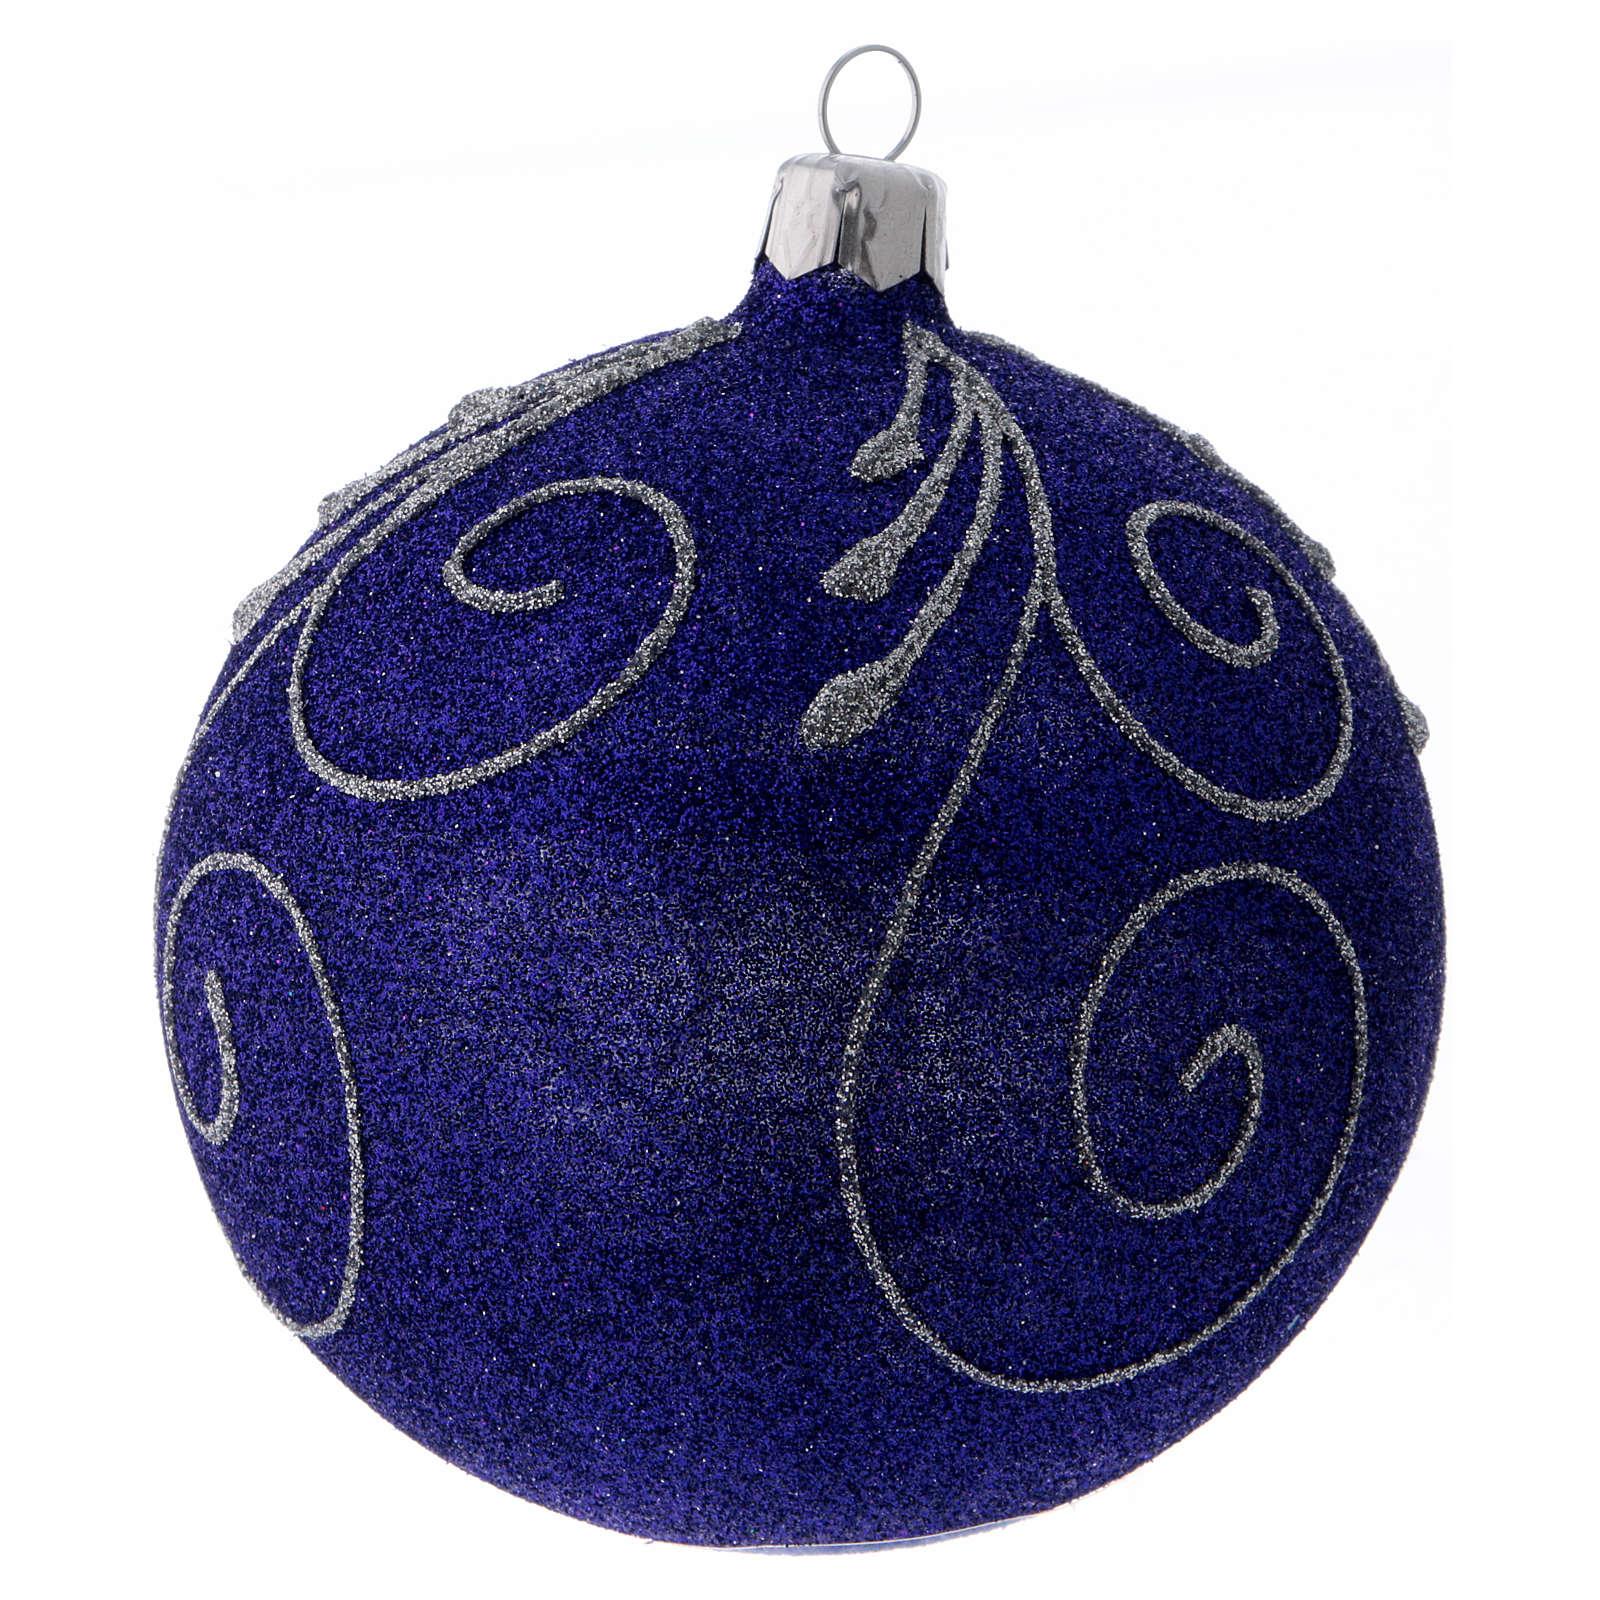 Weihnachtskugel aus Glas mit violetten und silbernen Glitter verziert 100 mm 4